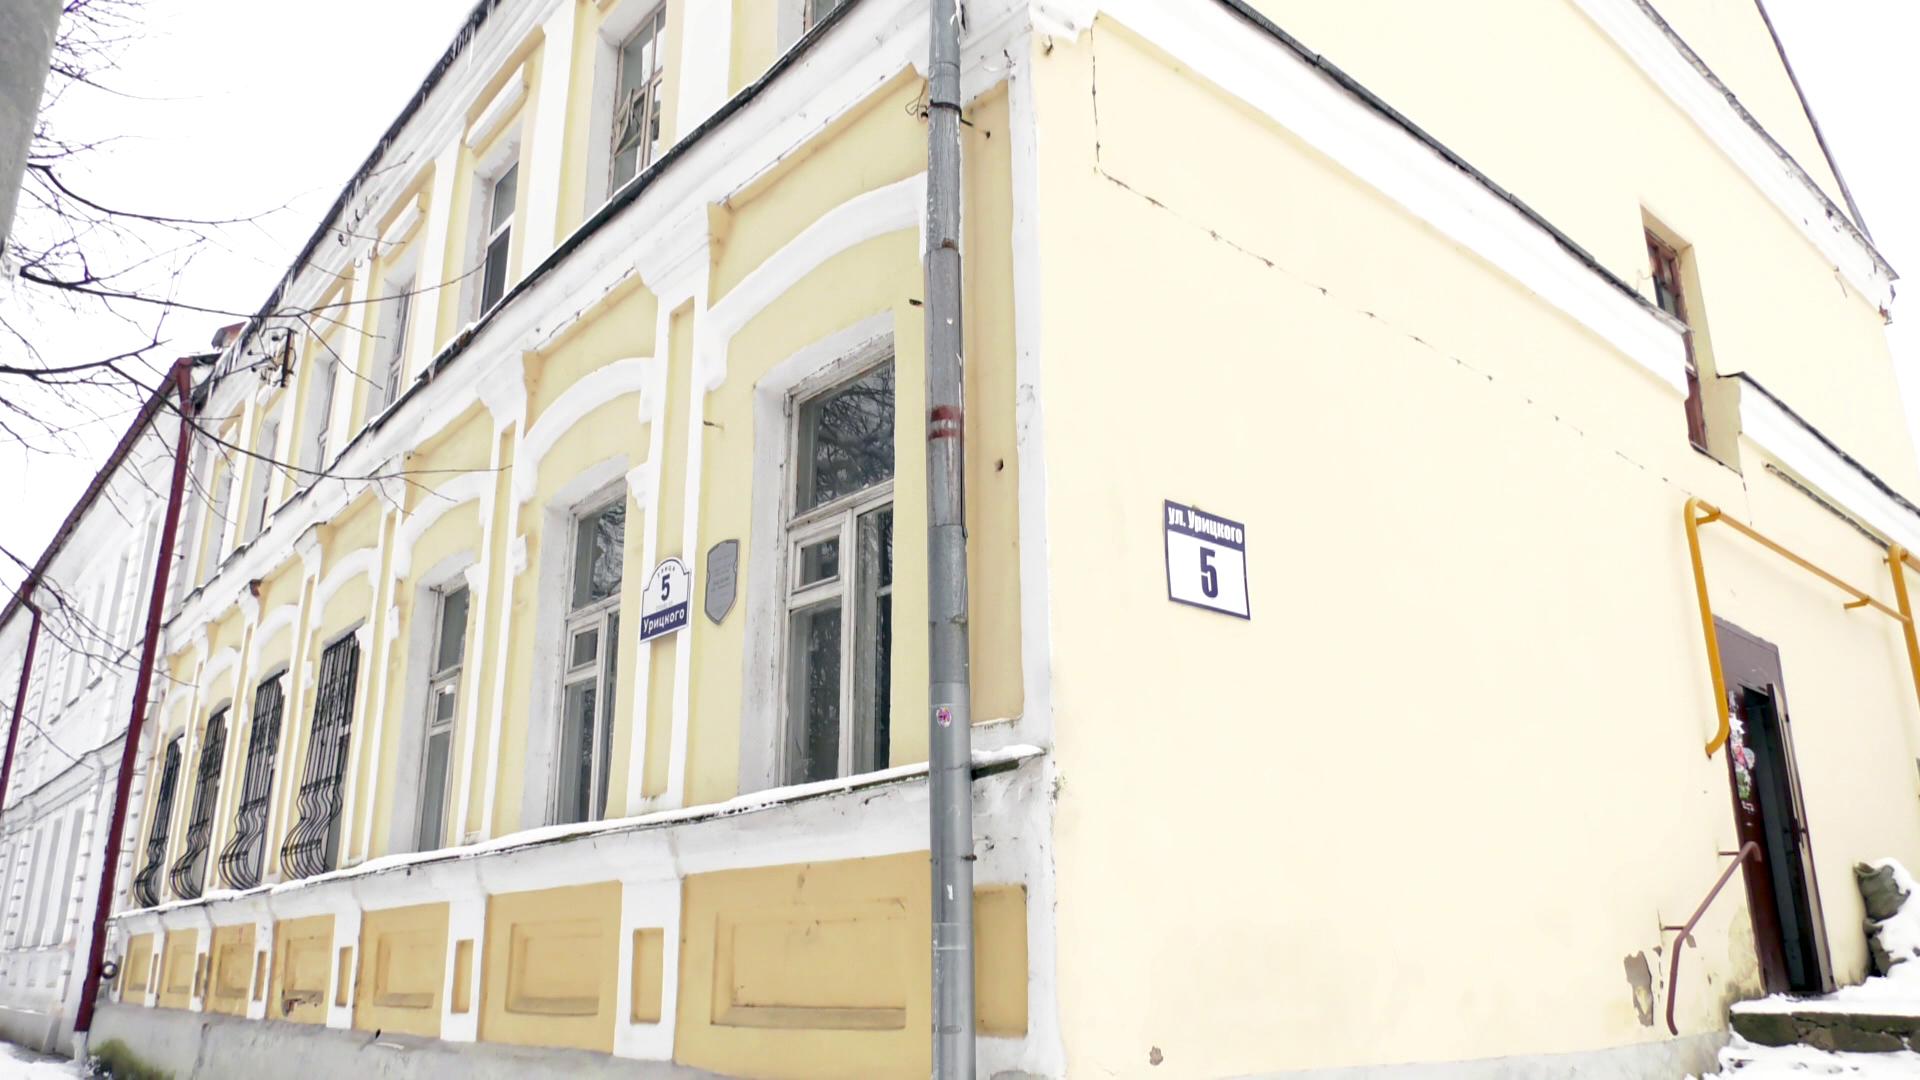 urickogo - Дом с историей, но без ремонта на улице Урицкого (видео)